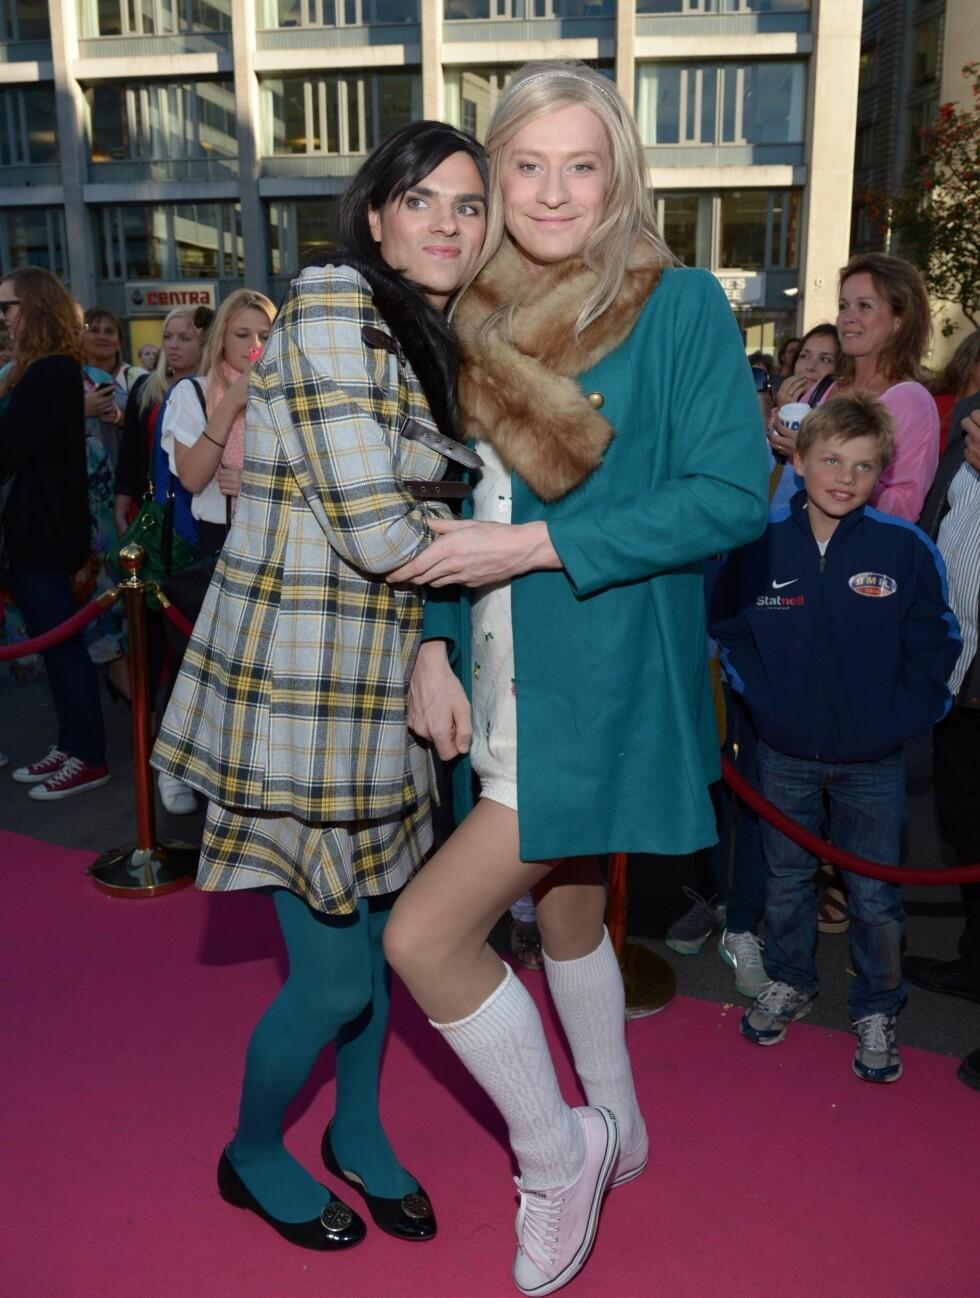 SPENTE: Tina og Bettina ble tatt imot med heder og ære av de andre fjortisene på rosa løper.  Foto: Stella Pictures